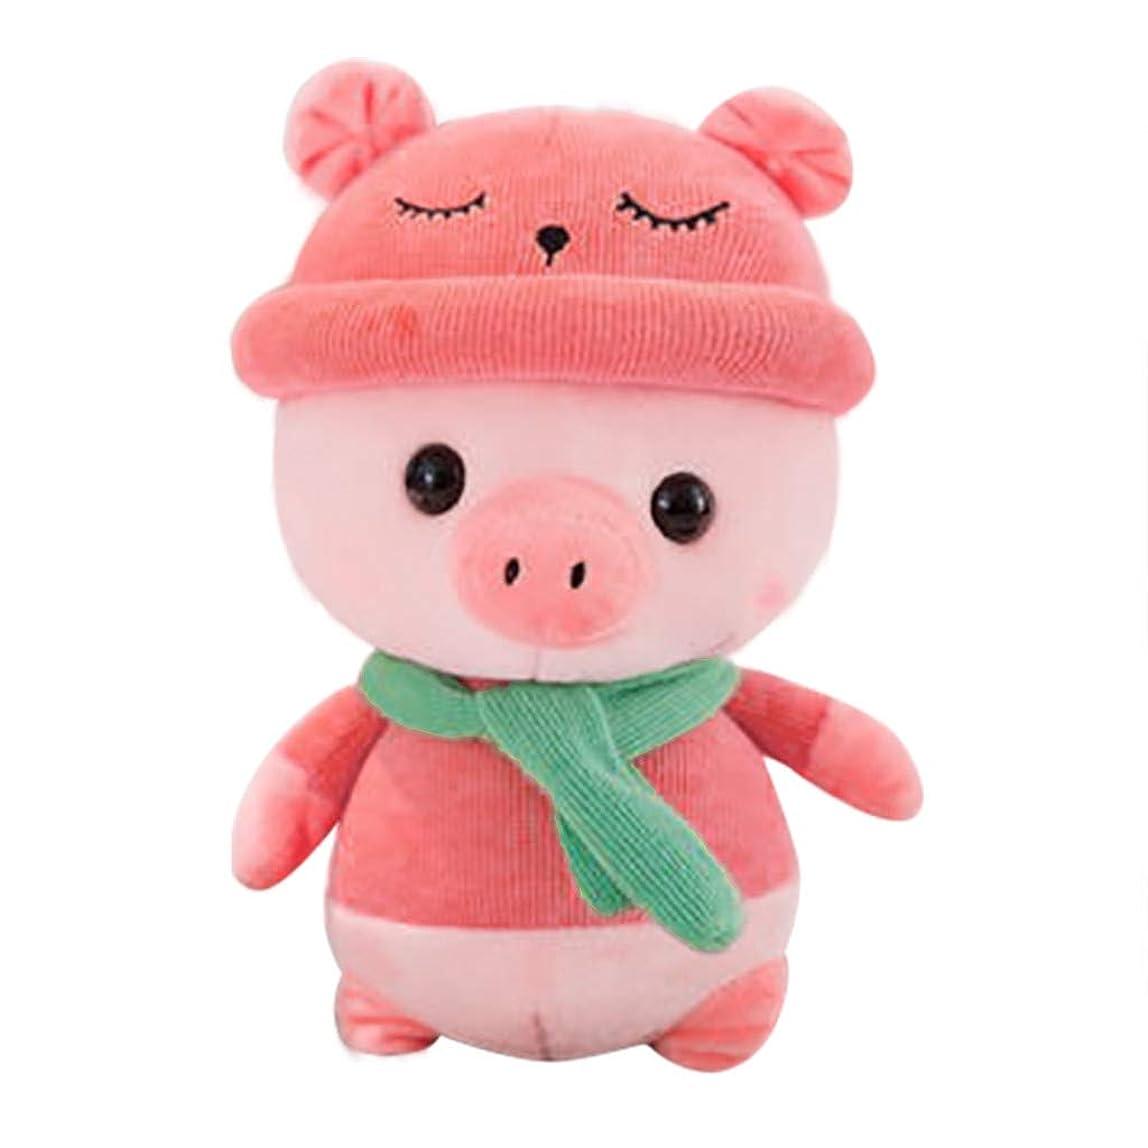 スライスモルヒネぺディカブ子供の豚のぬいぐるみのおもちゃぬいぐるみの豚子供の贈り物幼児のおもちゃ7.8インチ